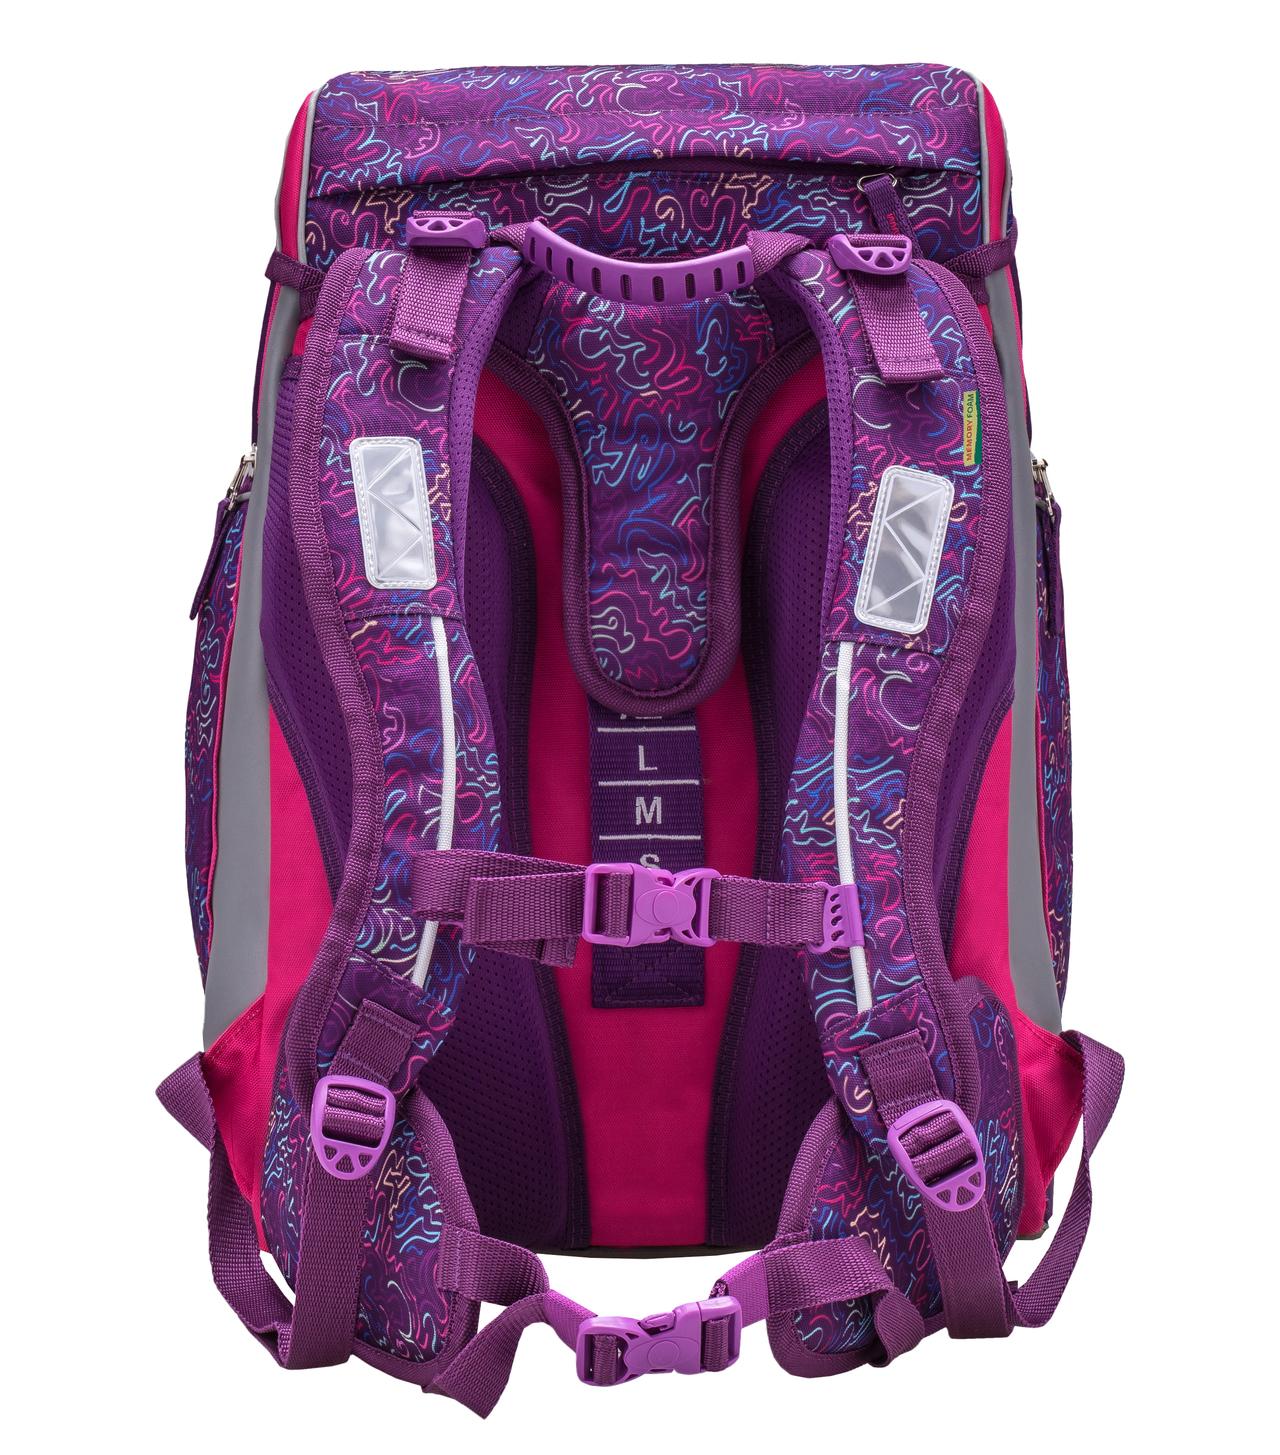 Ранец-рюкзак Belmil Comfy Pack 405-11/683 цвет Pink & Purple Harmony+ дождевик, - фото 5